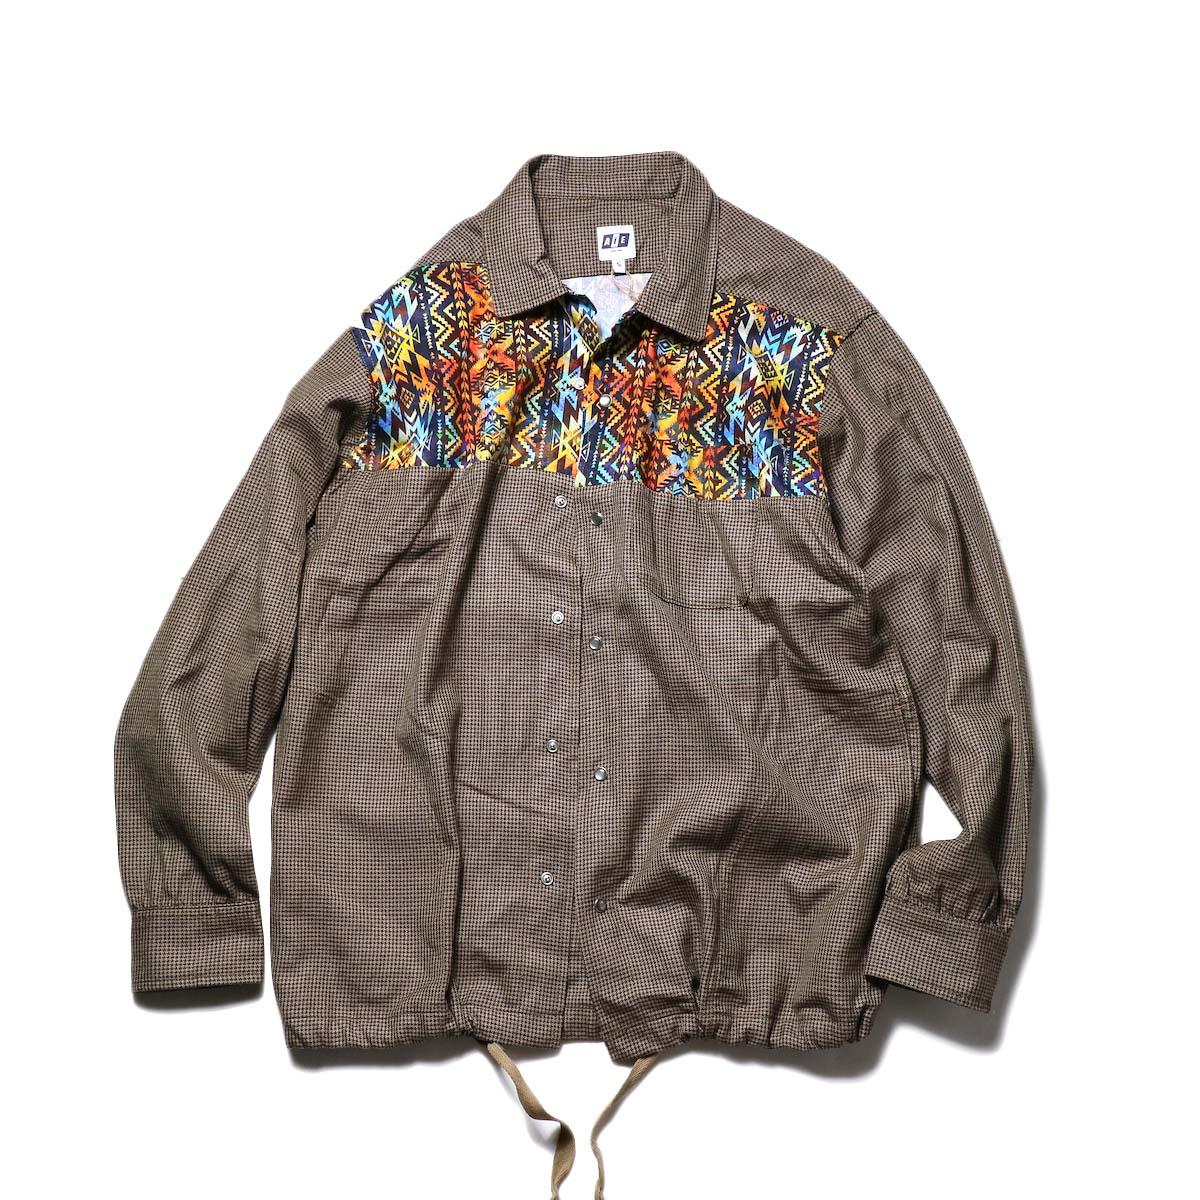 AiE / Coach Shirt -Wool Check (Brown)正面